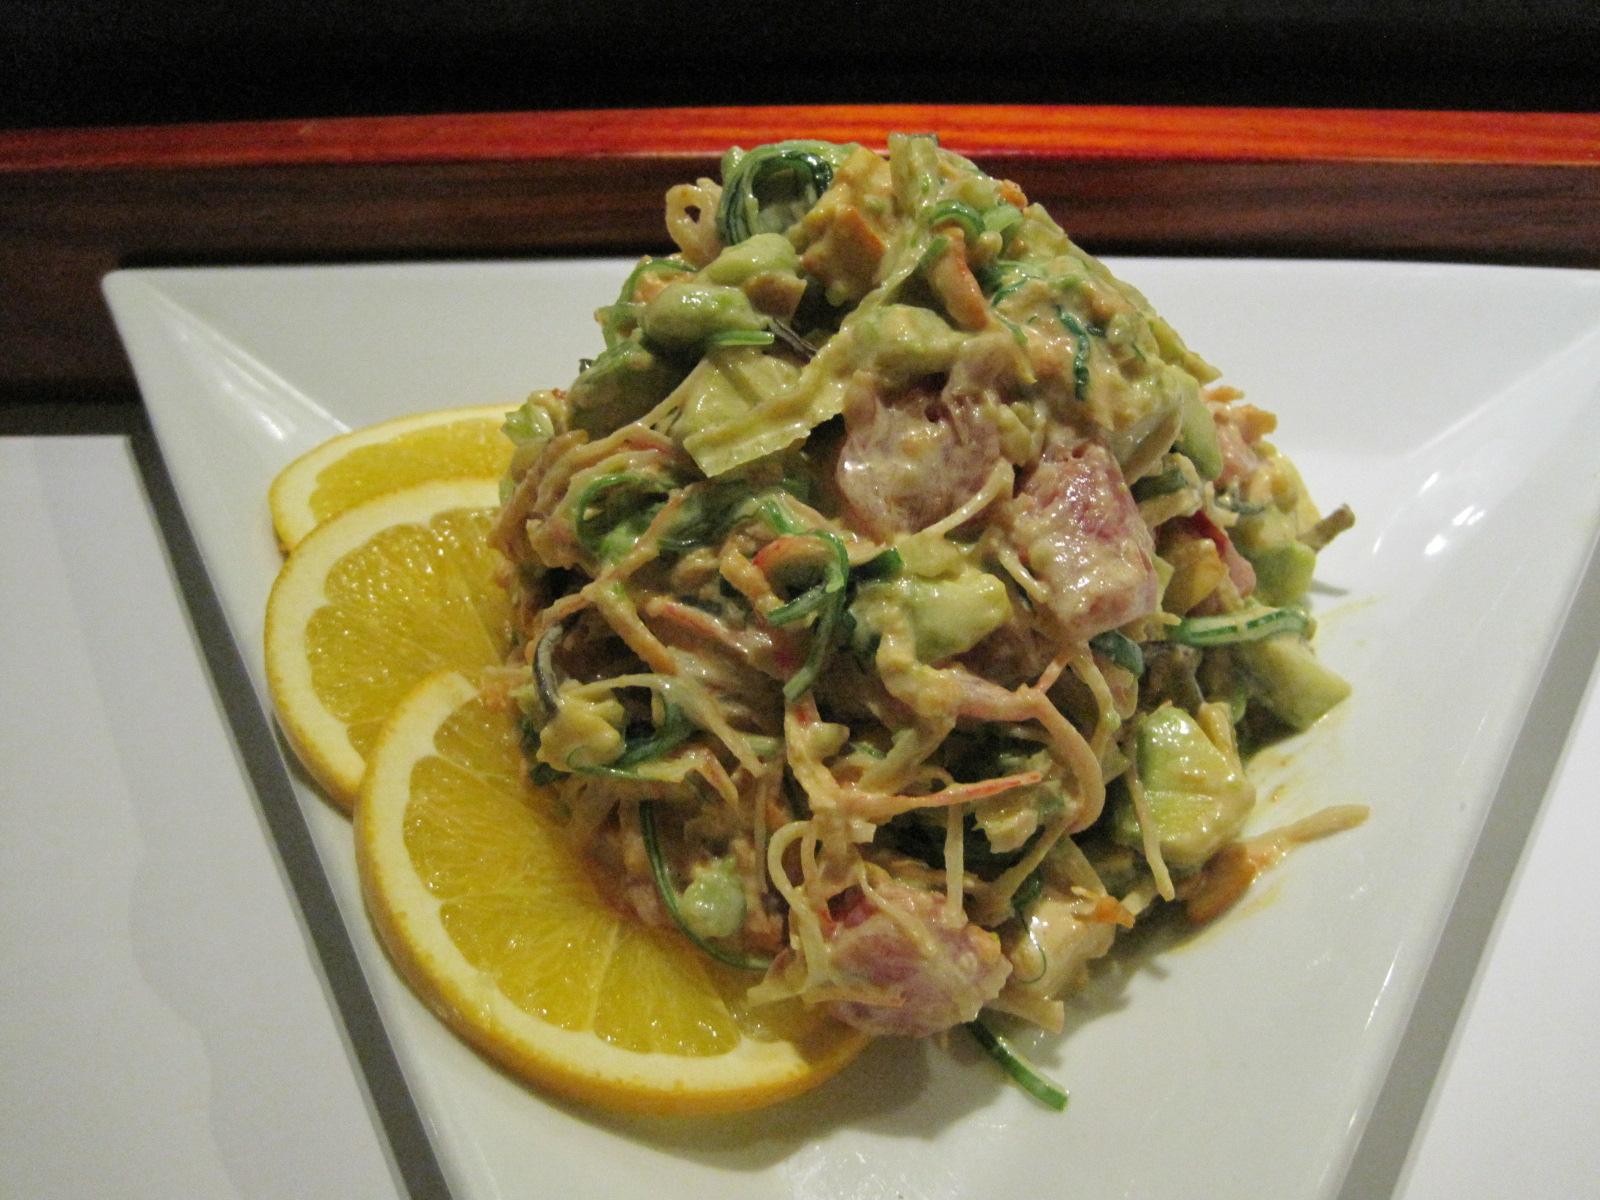 Fukushima Salad